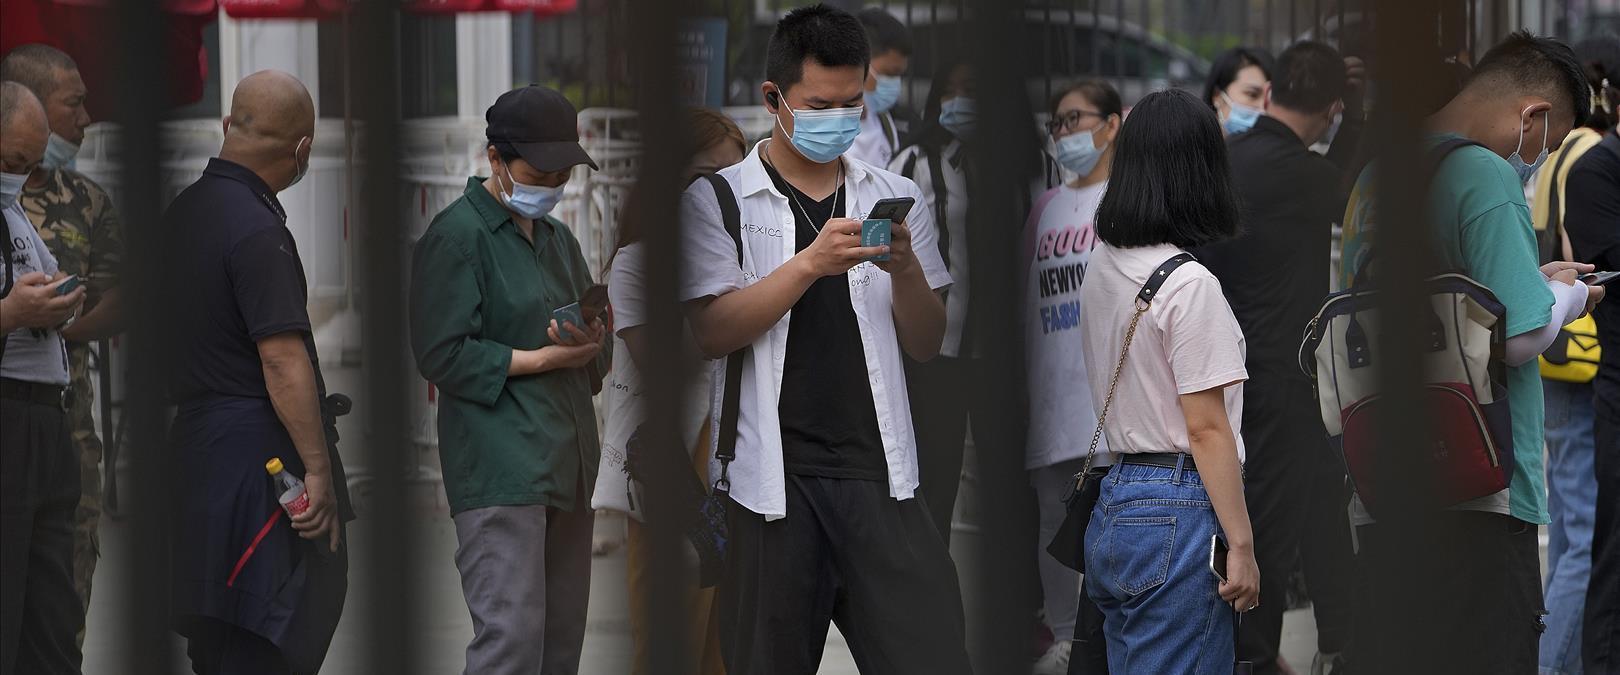 תור לחיסונים בבייג'ינג, ארכיון